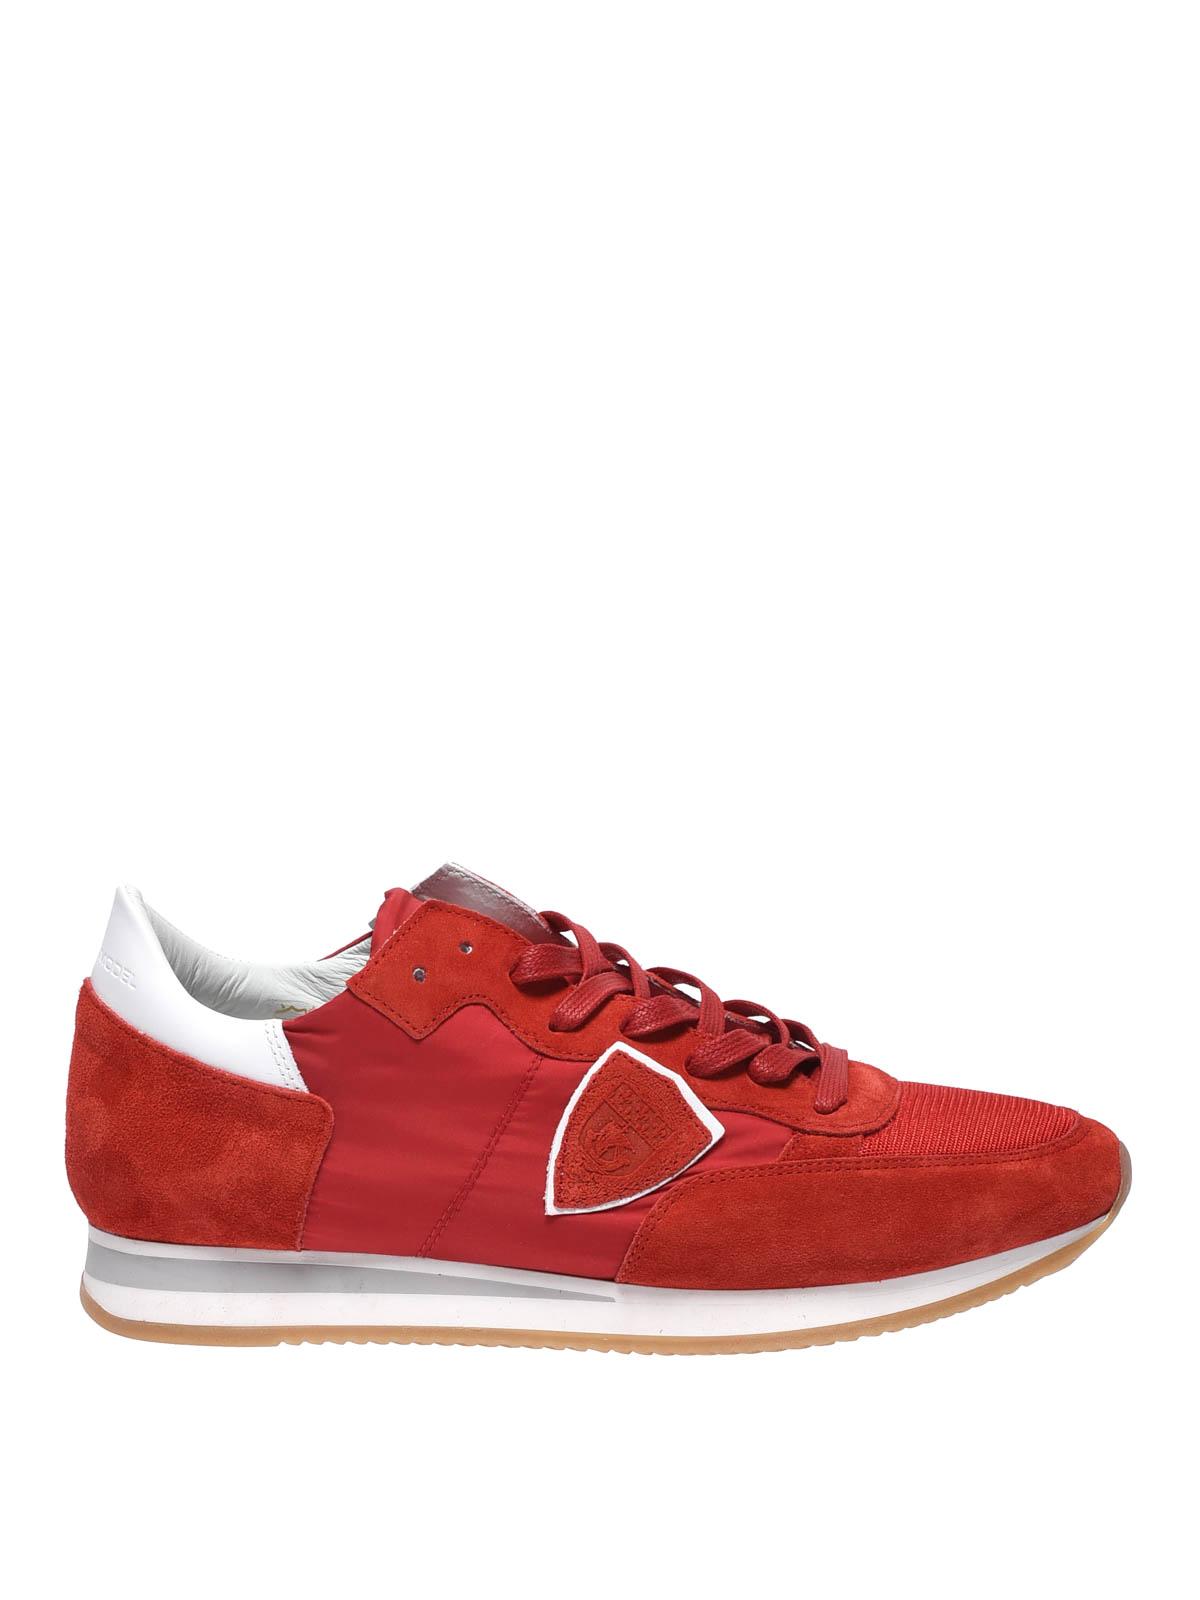 Philippe Model - Sneaker Tropez Mondial basse rosse - sneakers ... 473fbf80fa0